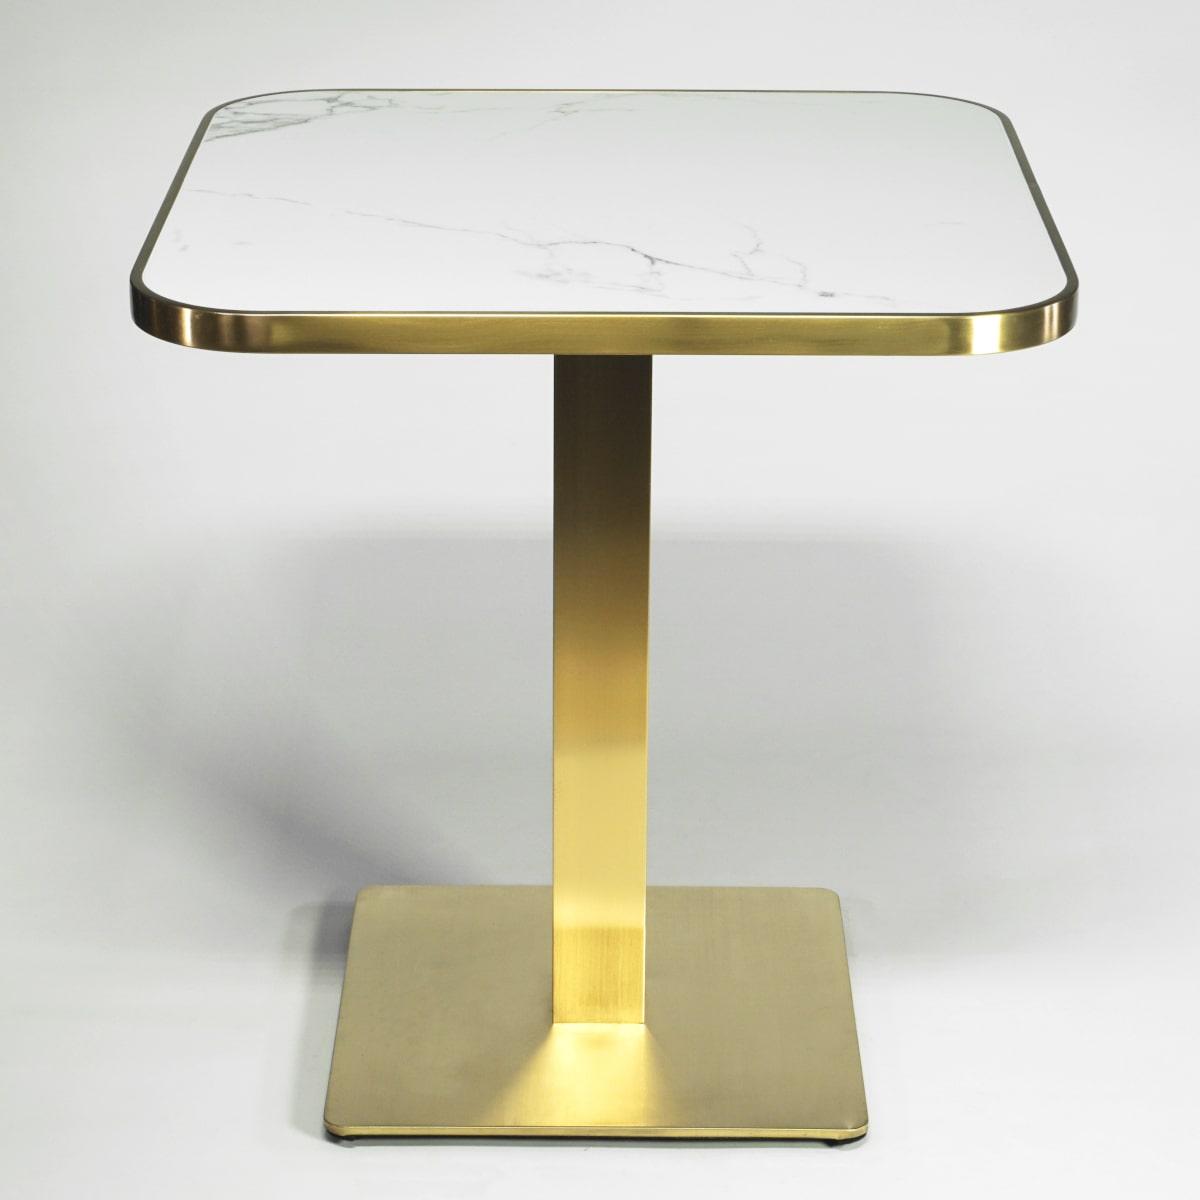 Tisch quadratisch weißer Keramik-Marmor Metallgestell Messing